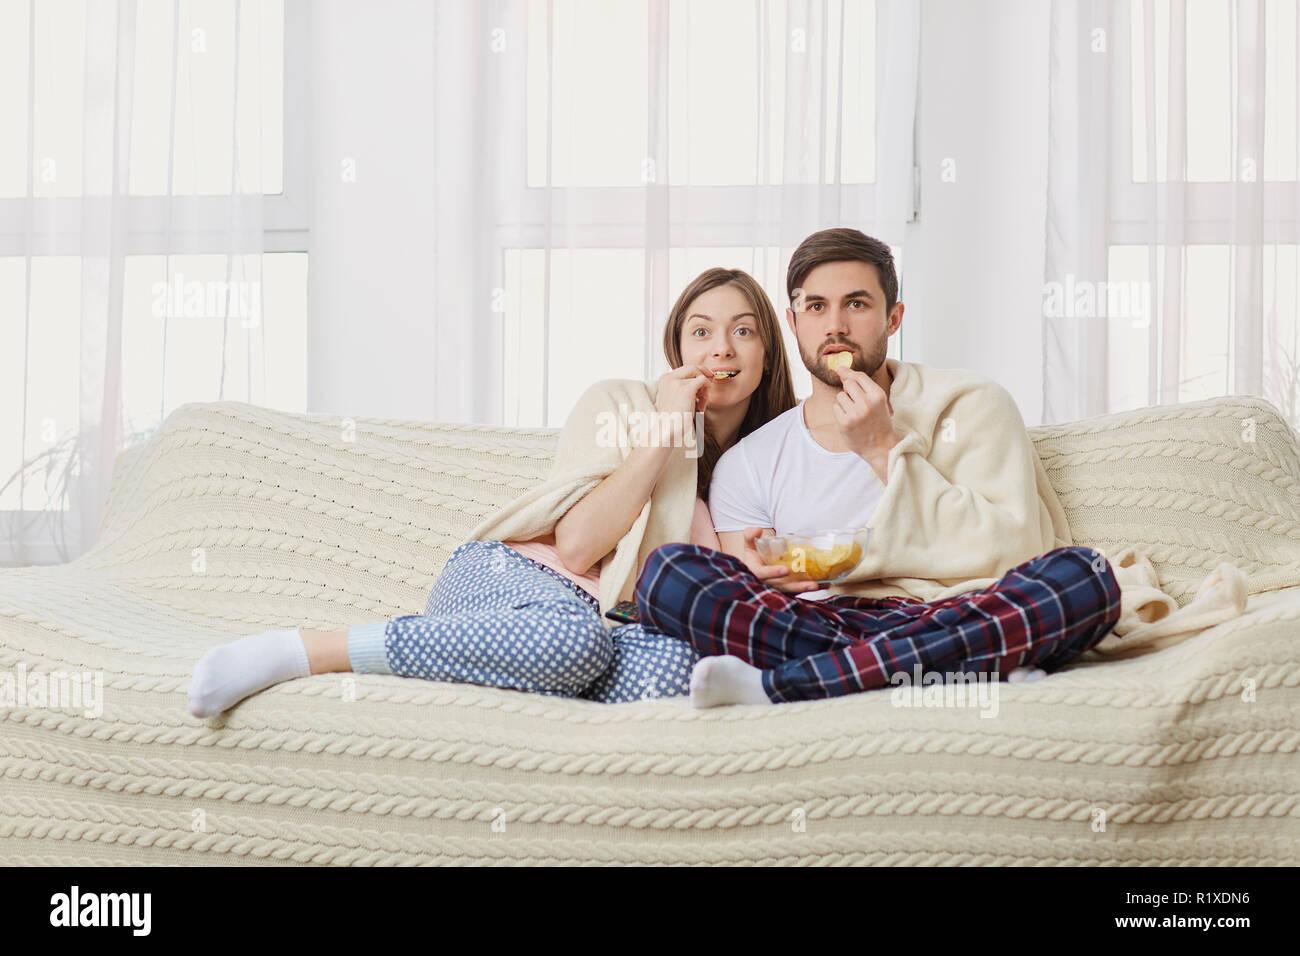 Un jeune couple assis sur le canapé à regarder un plat intéressant . Photo Stock